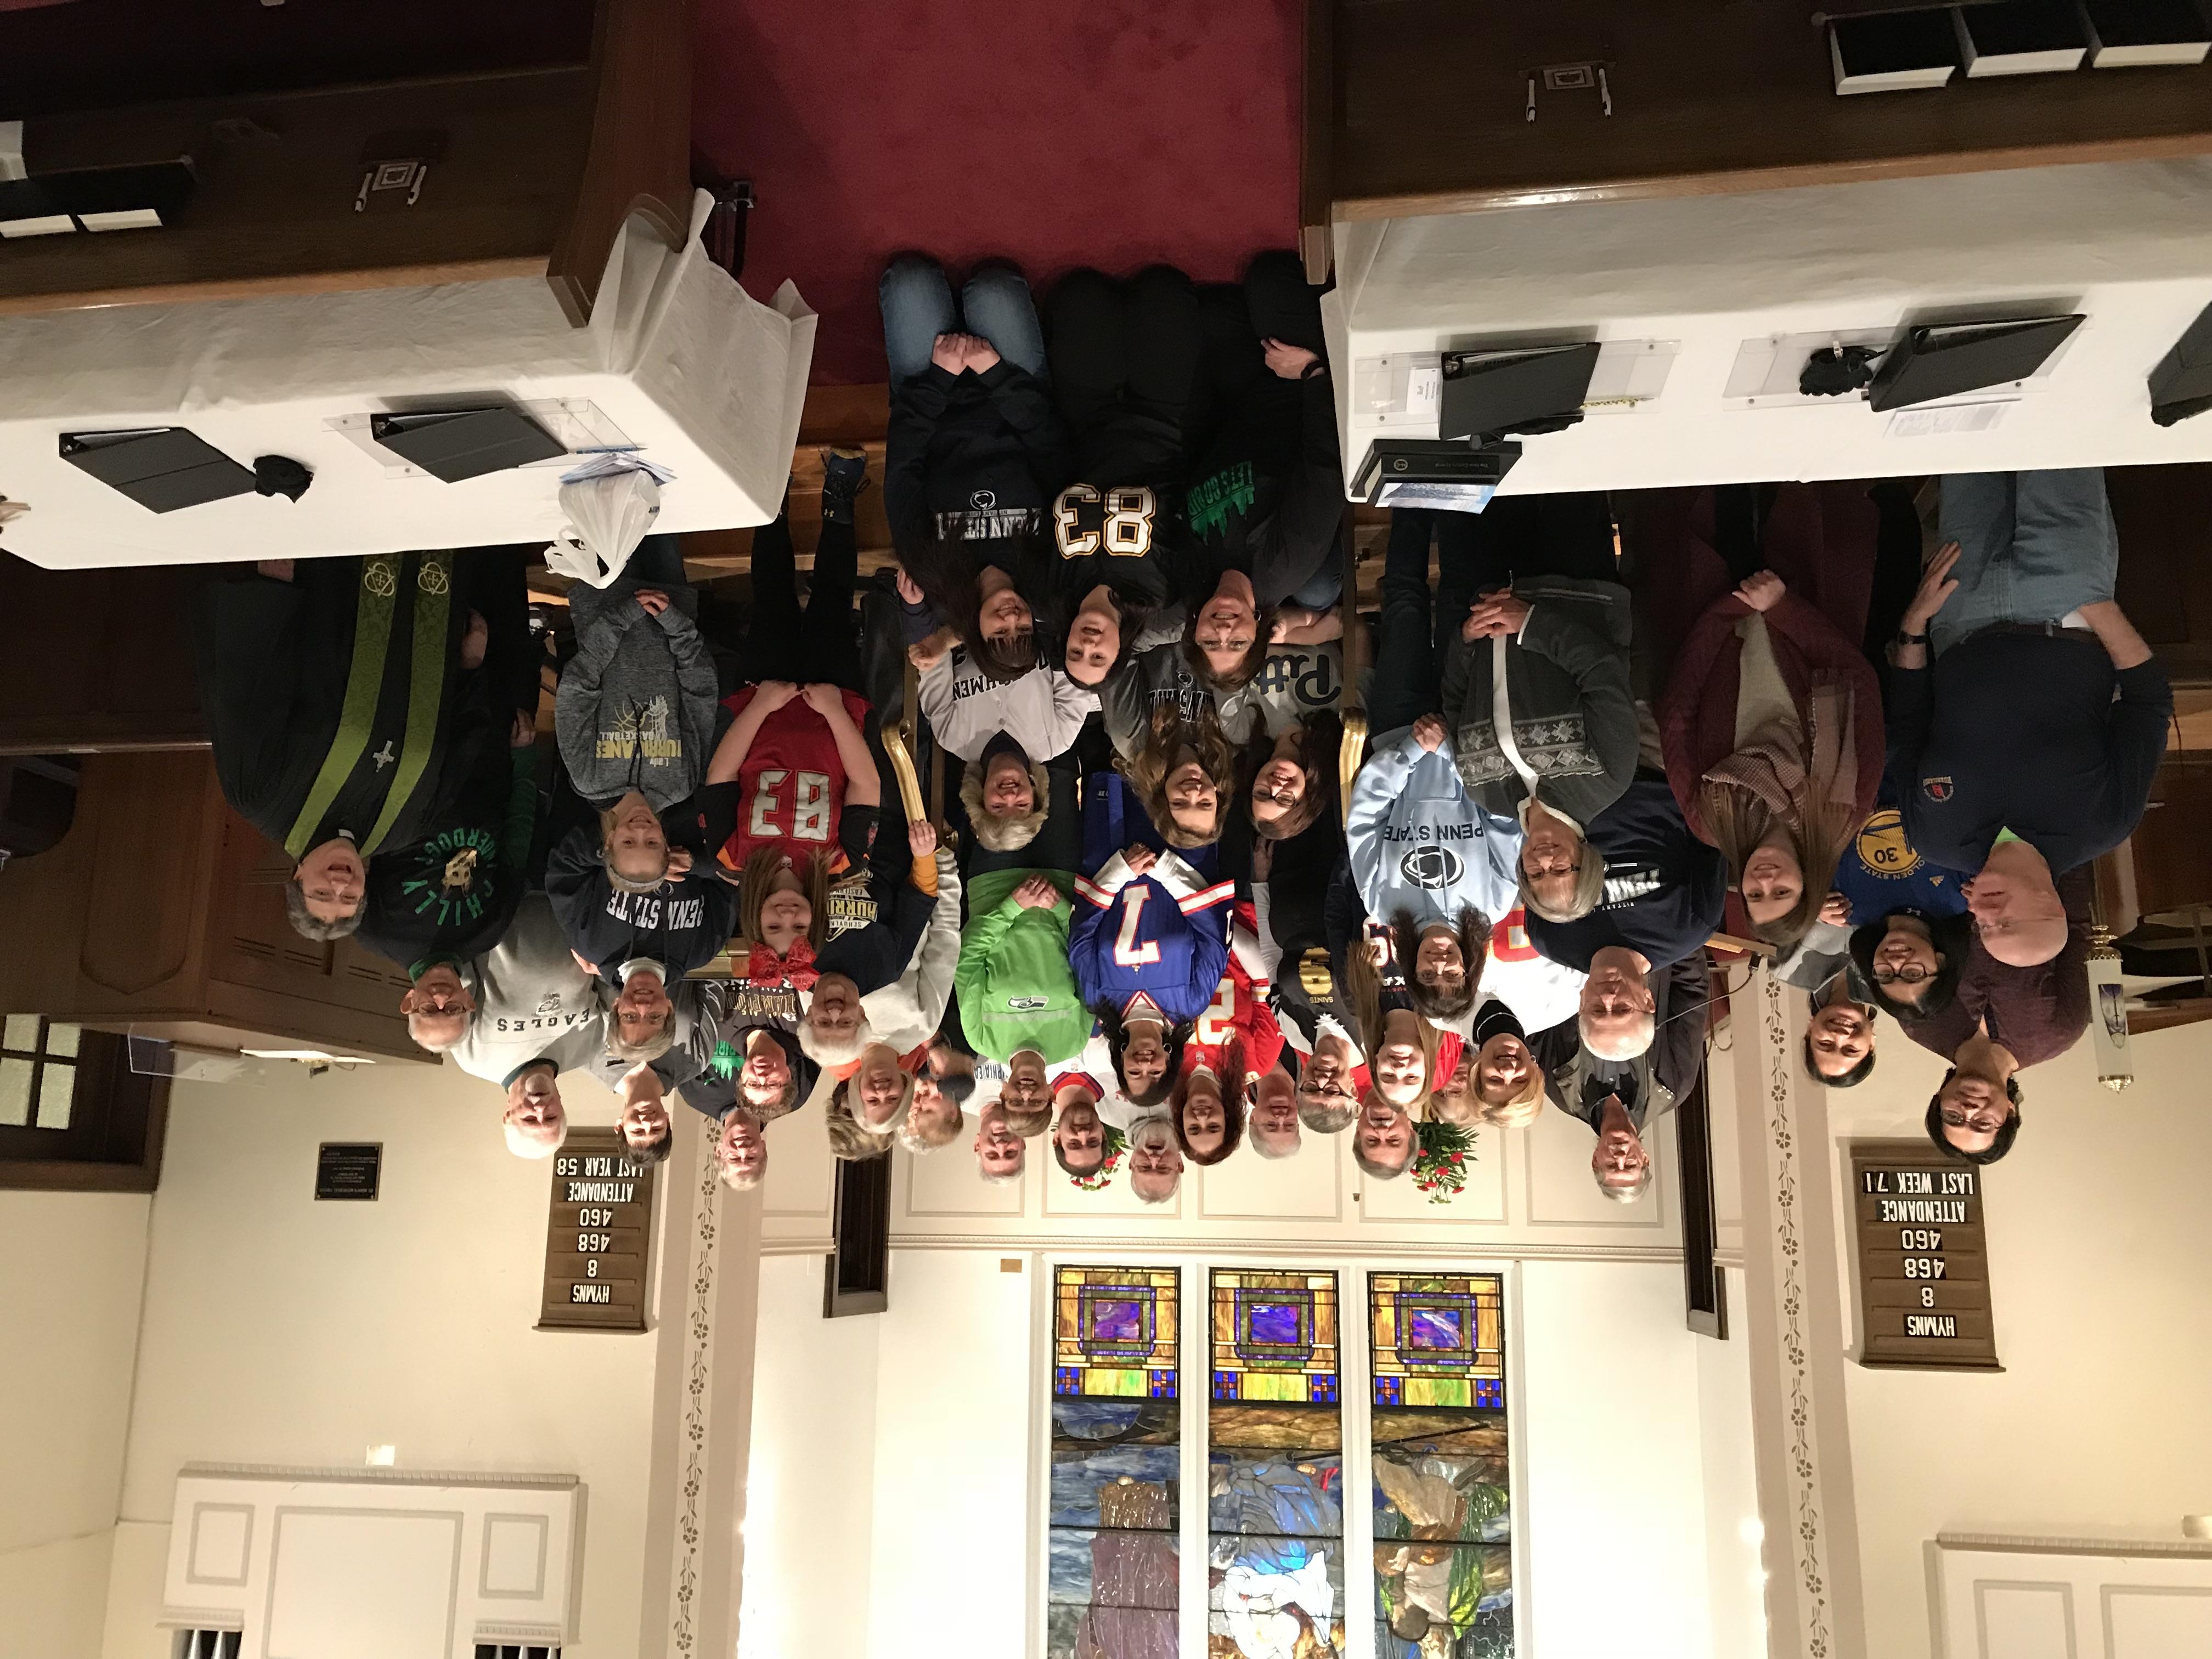 Souper Bowl Sunday 2018